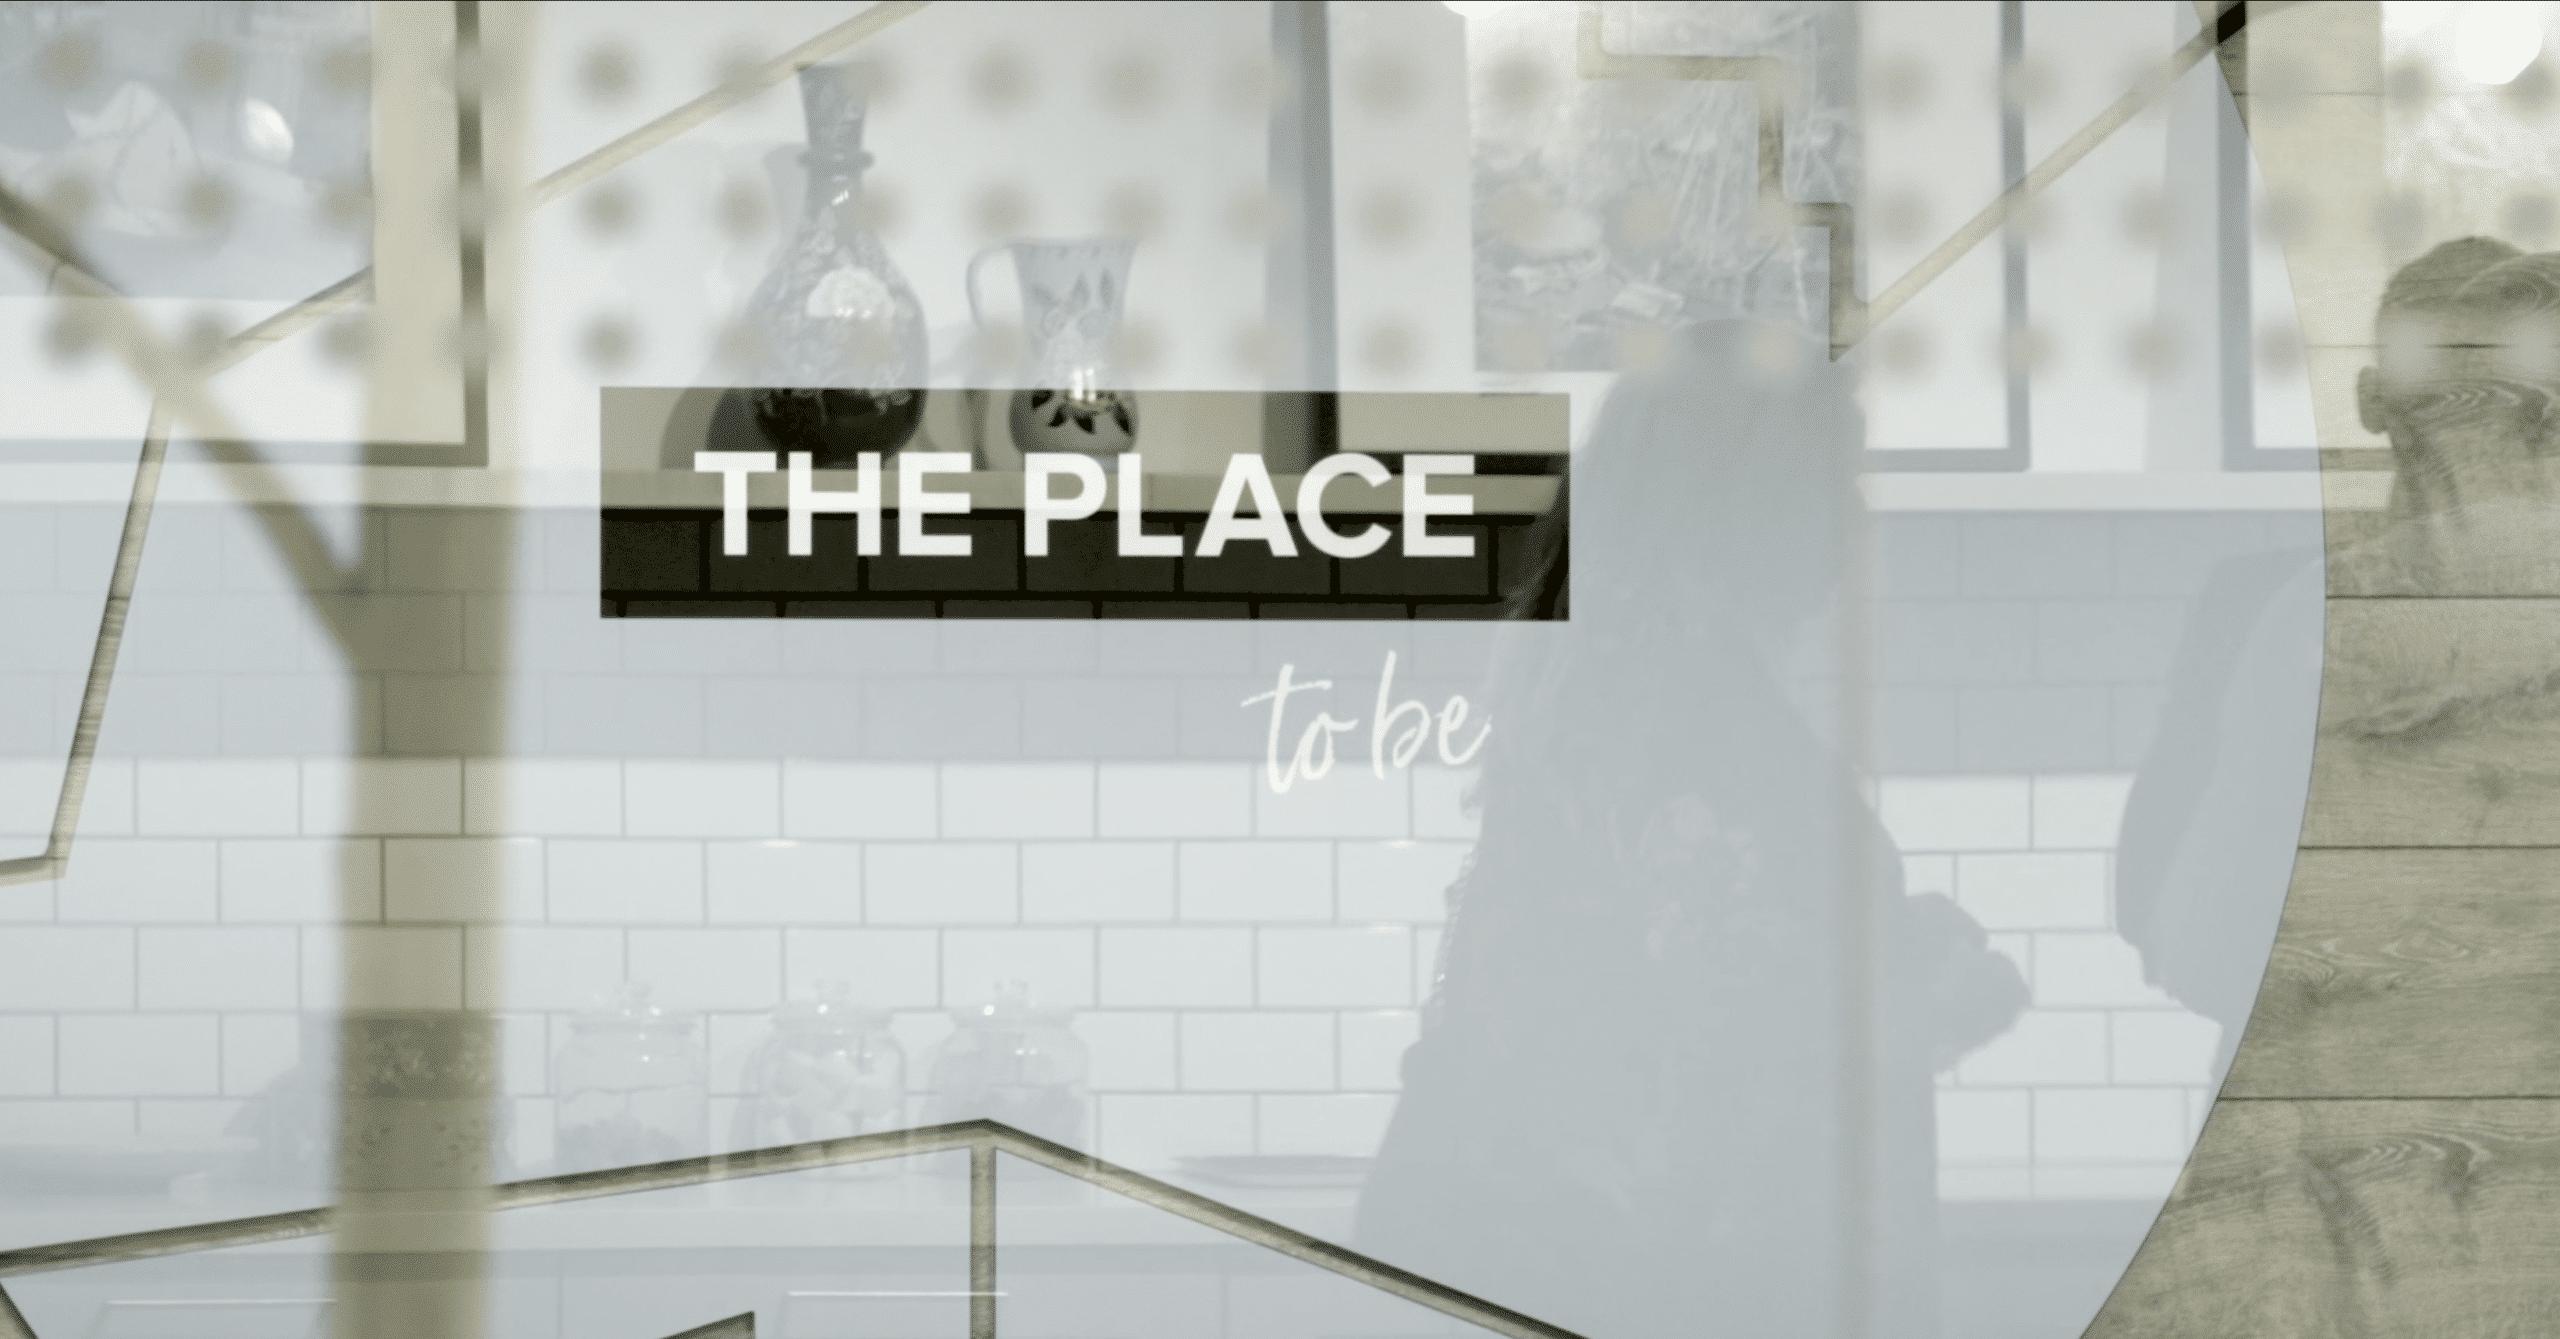 Shine a light agence évènementielle luxembourg - créateur d'expériences immersives - Inauguration House of Startups